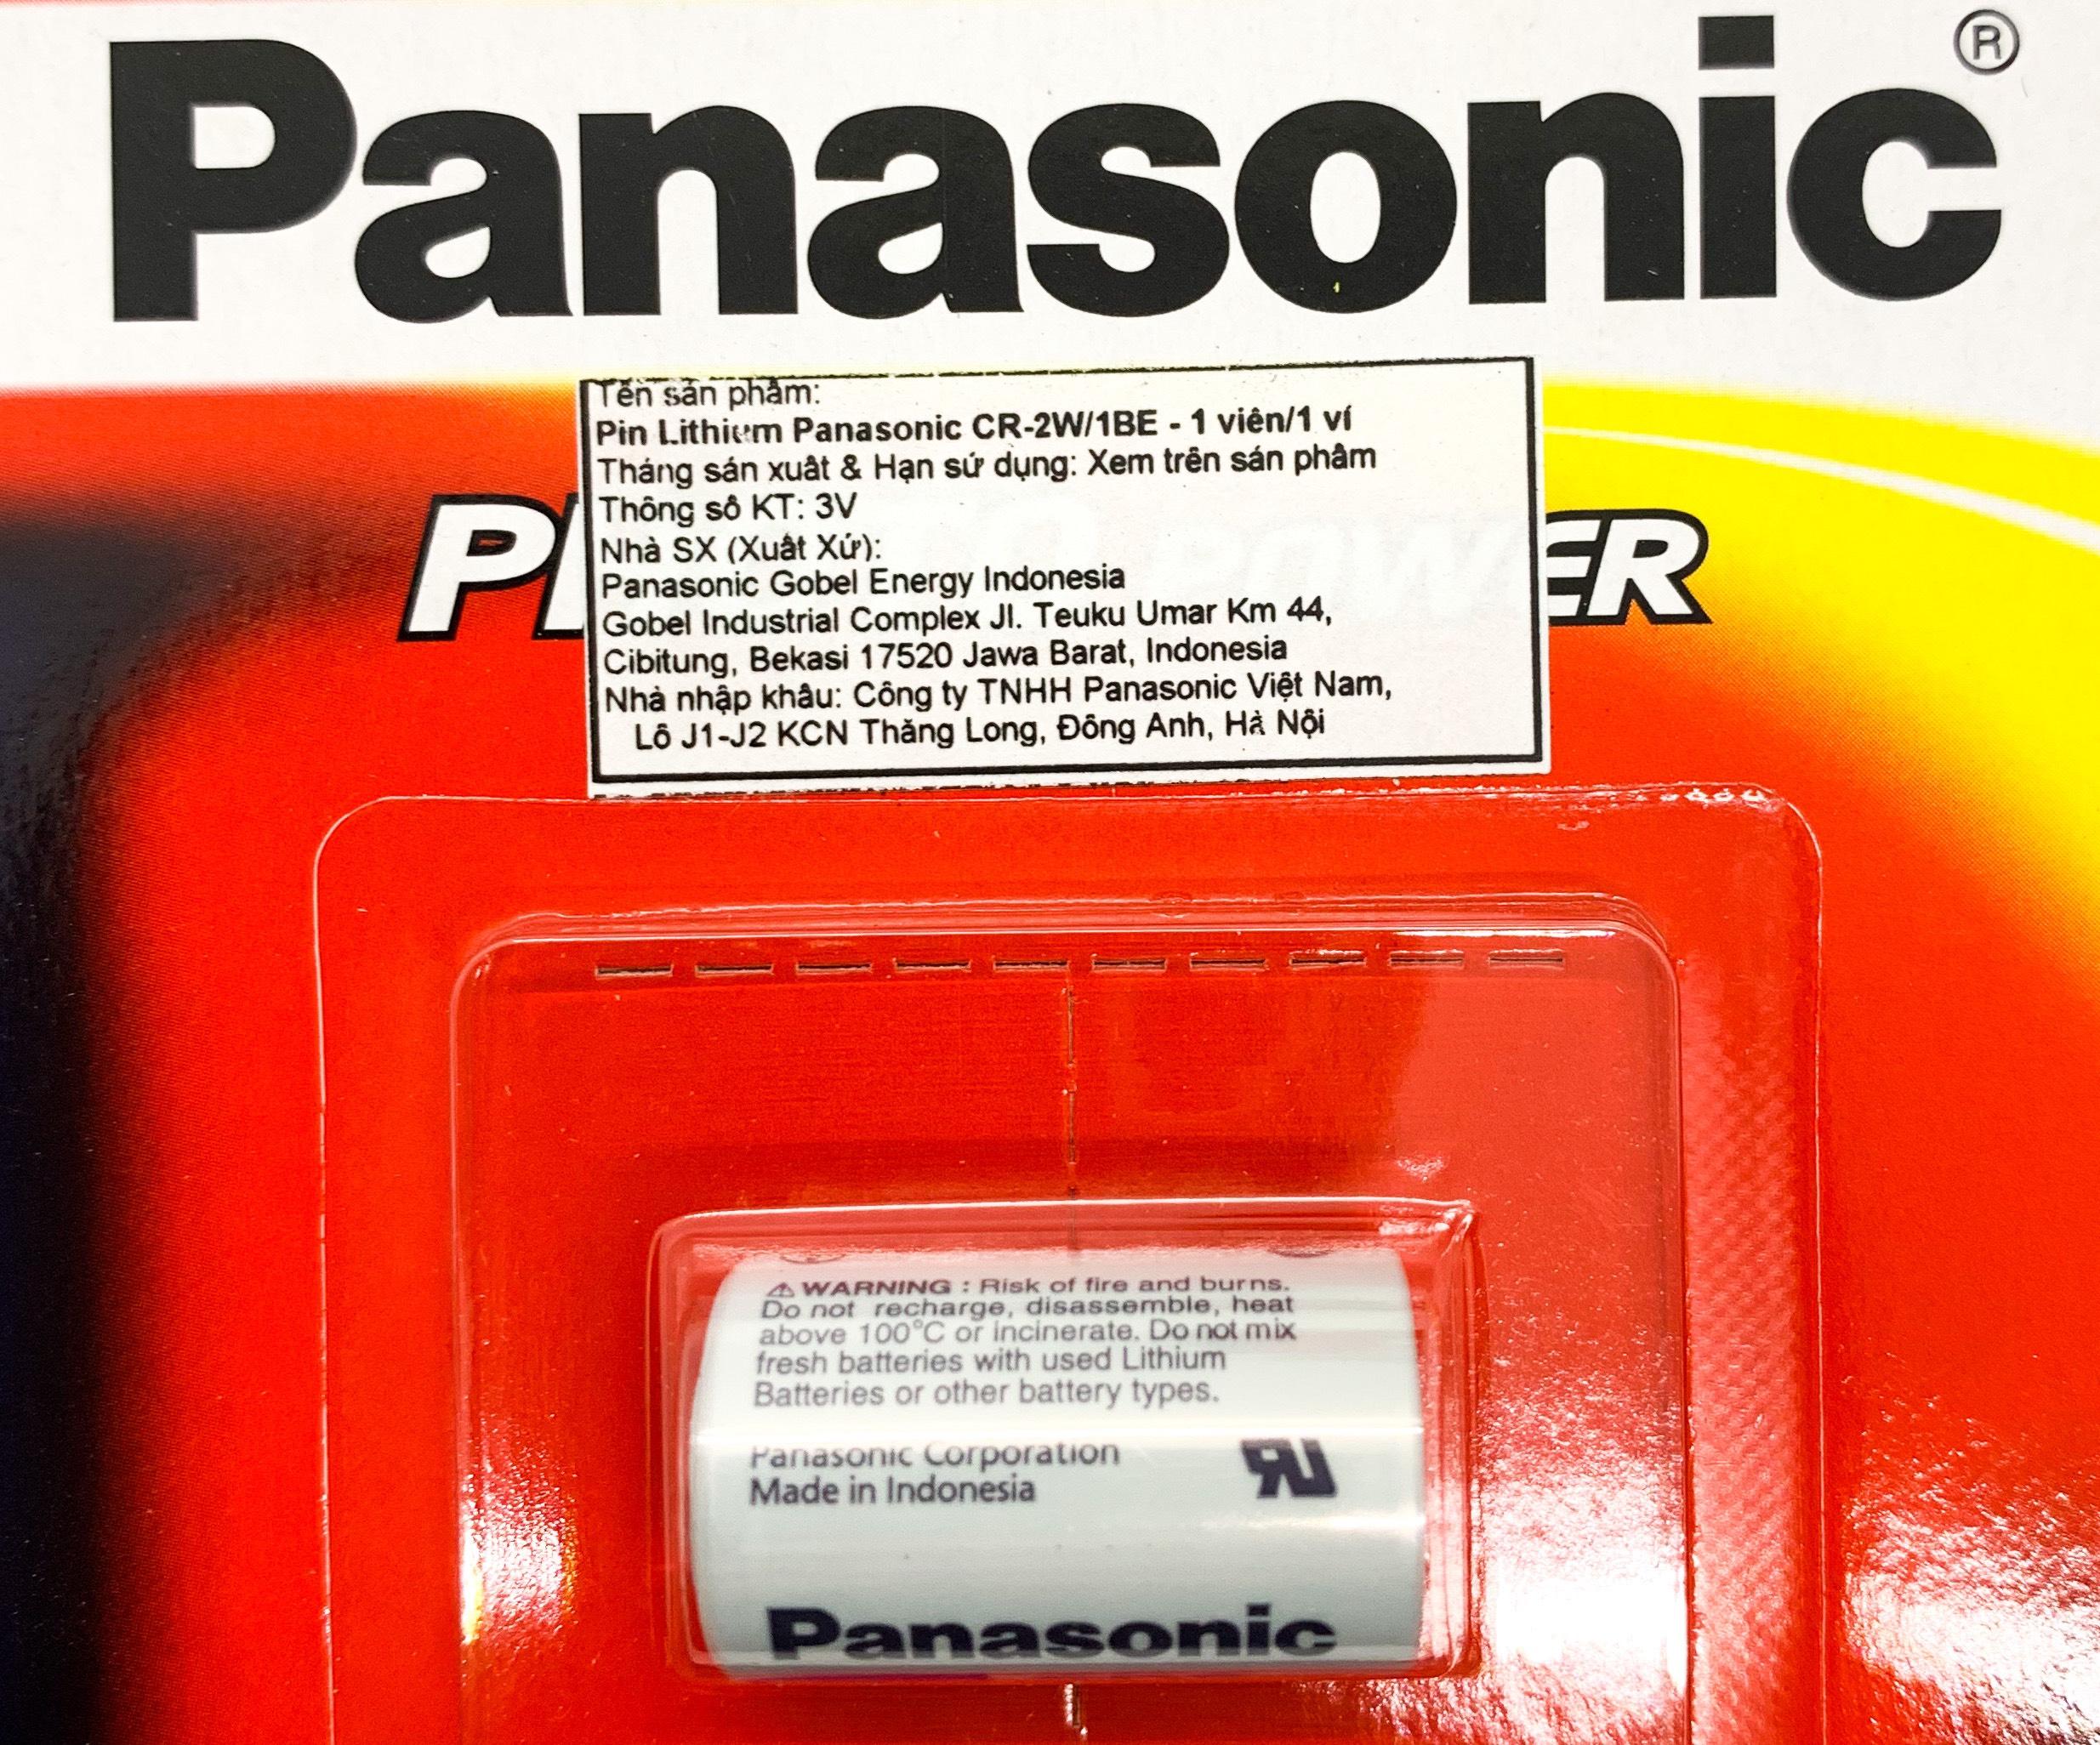 Pin CR2 ( Pin Panasonic CR-2W ) 3V Lithium 2 Viên - Hàng Chính Hãng